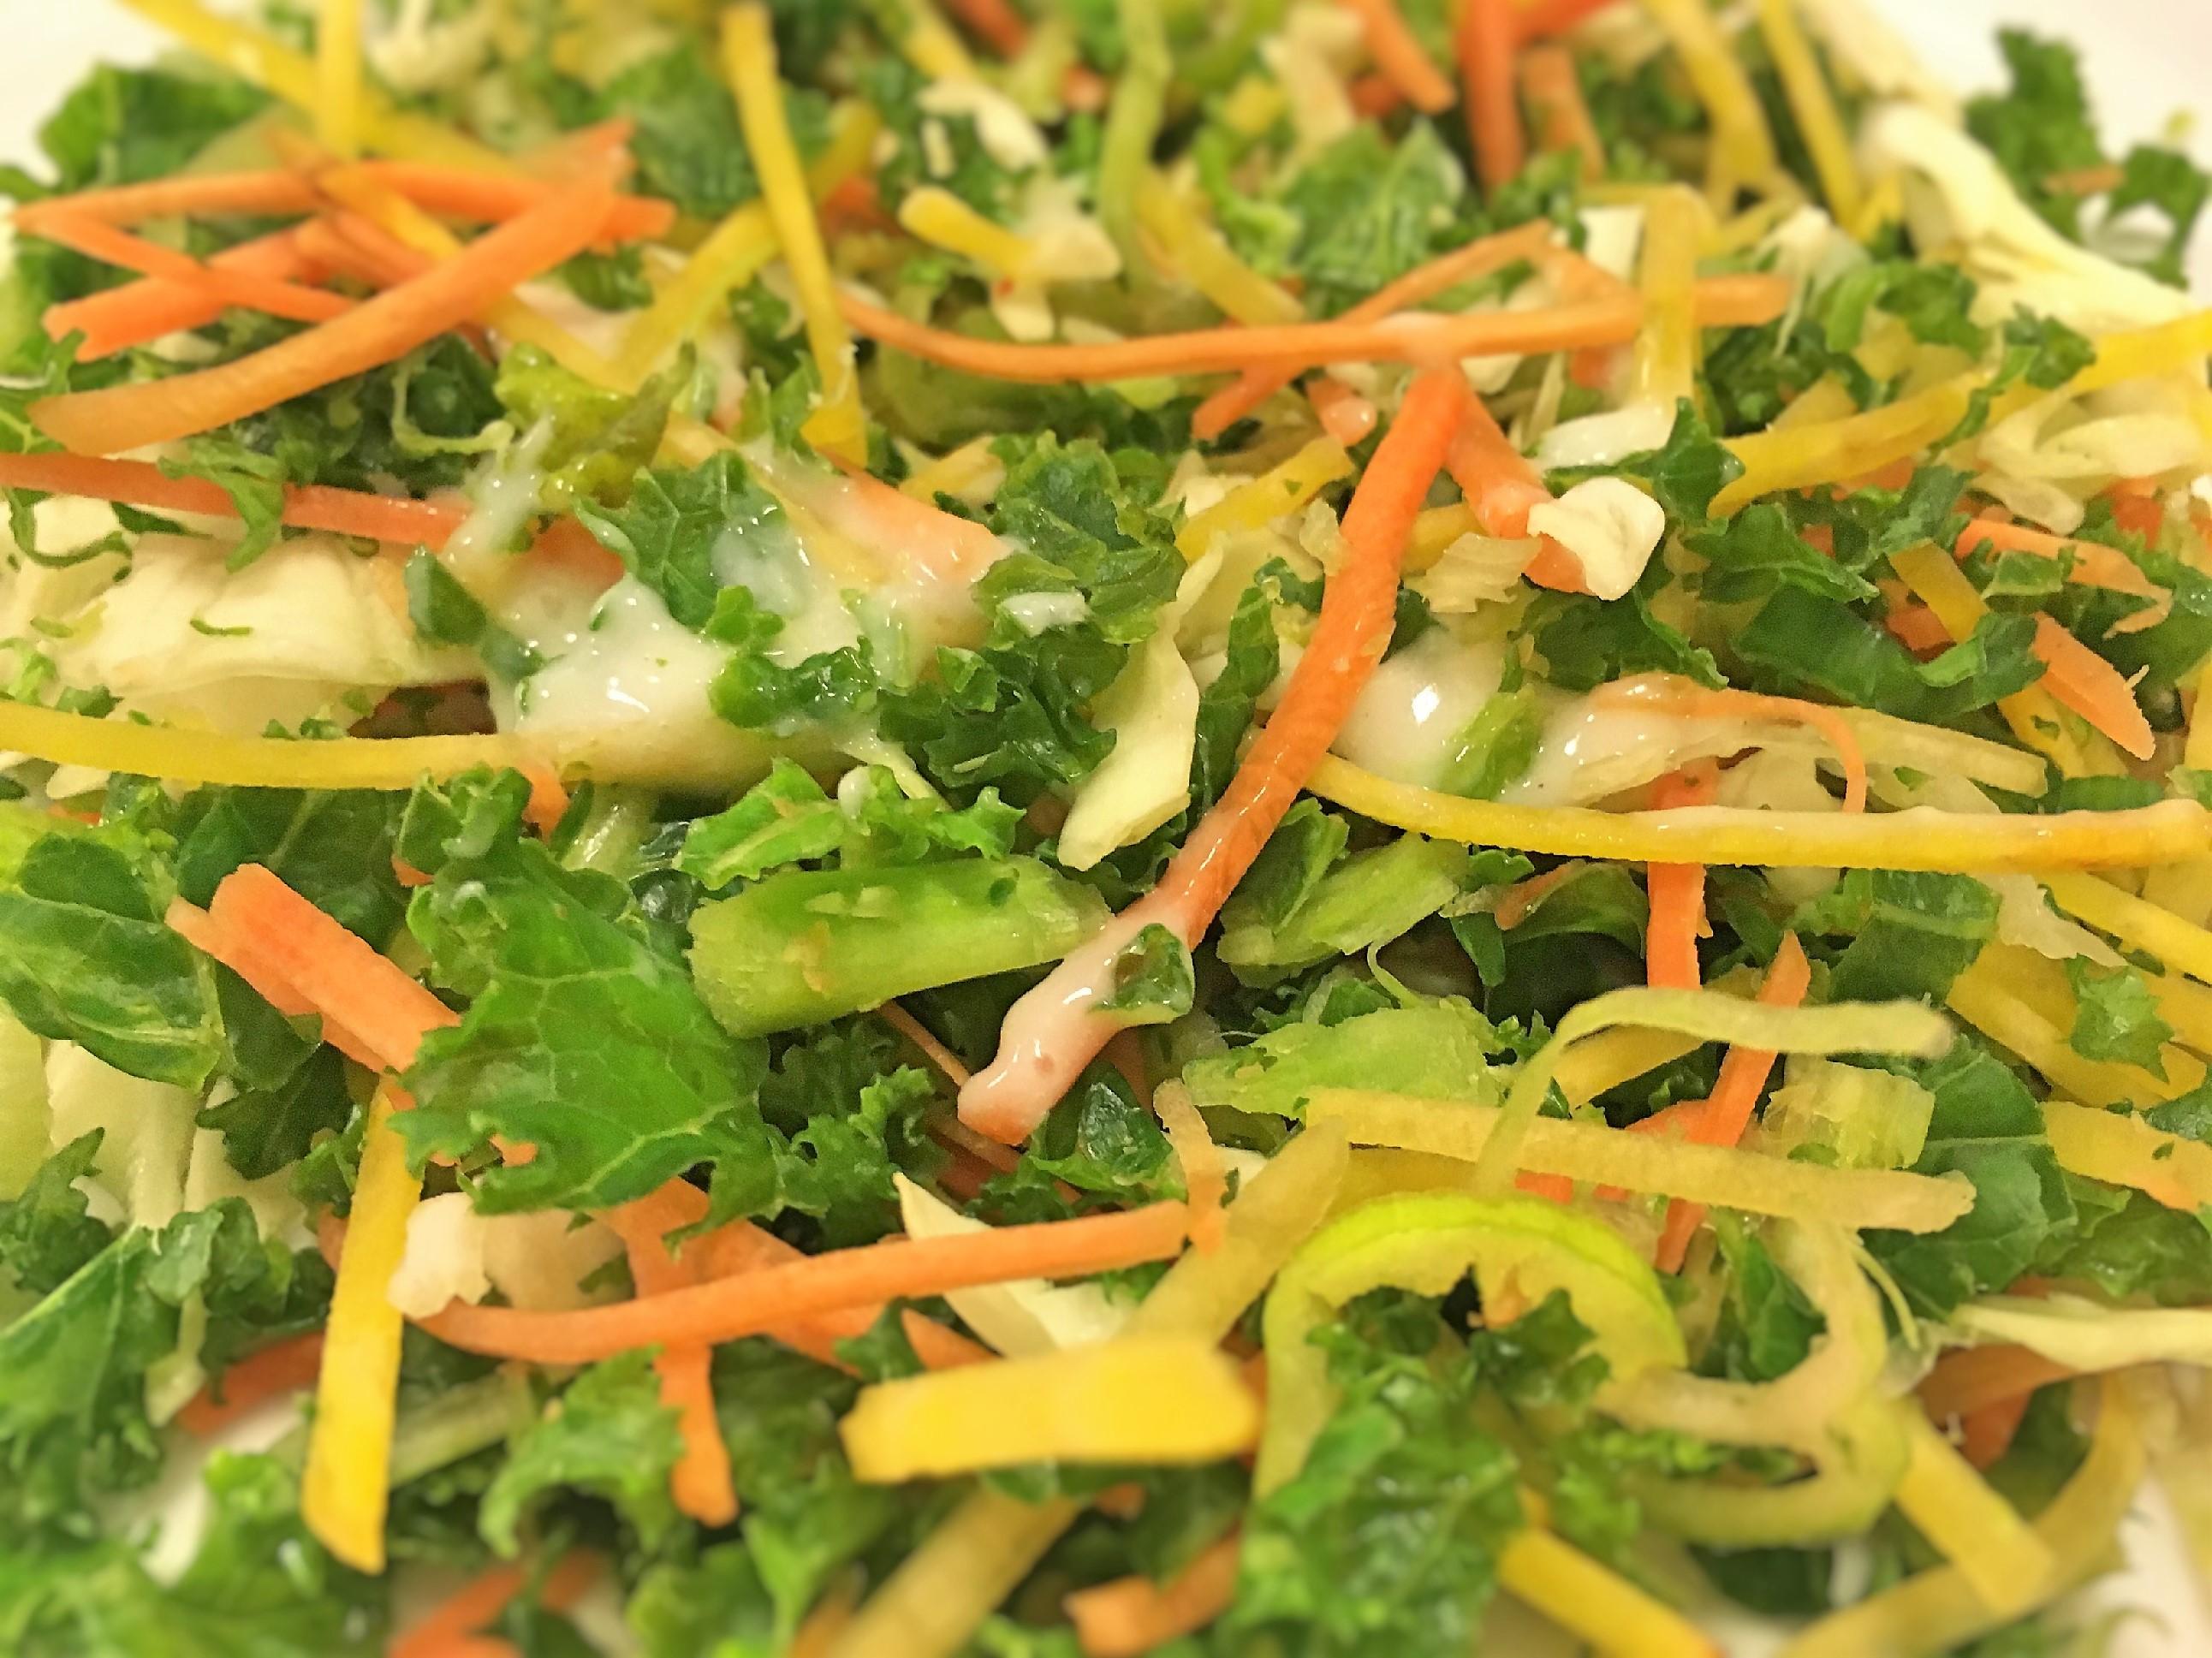 Grønkål, grønkålssalat, gulerødder, gule beder, springløg, opskrift, superotium, sund